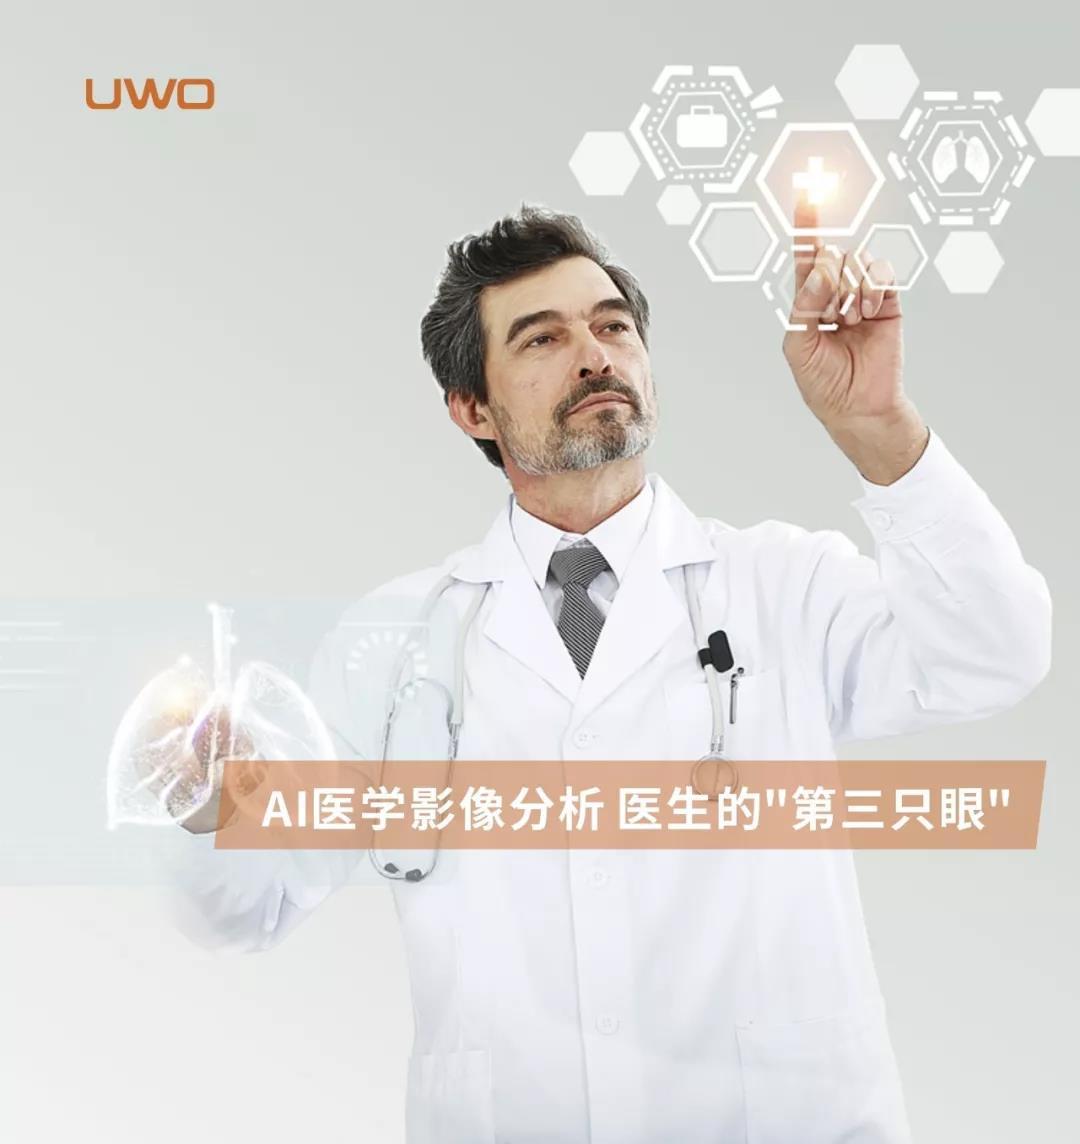 刚刚!人民日报公布医疗器械新动...